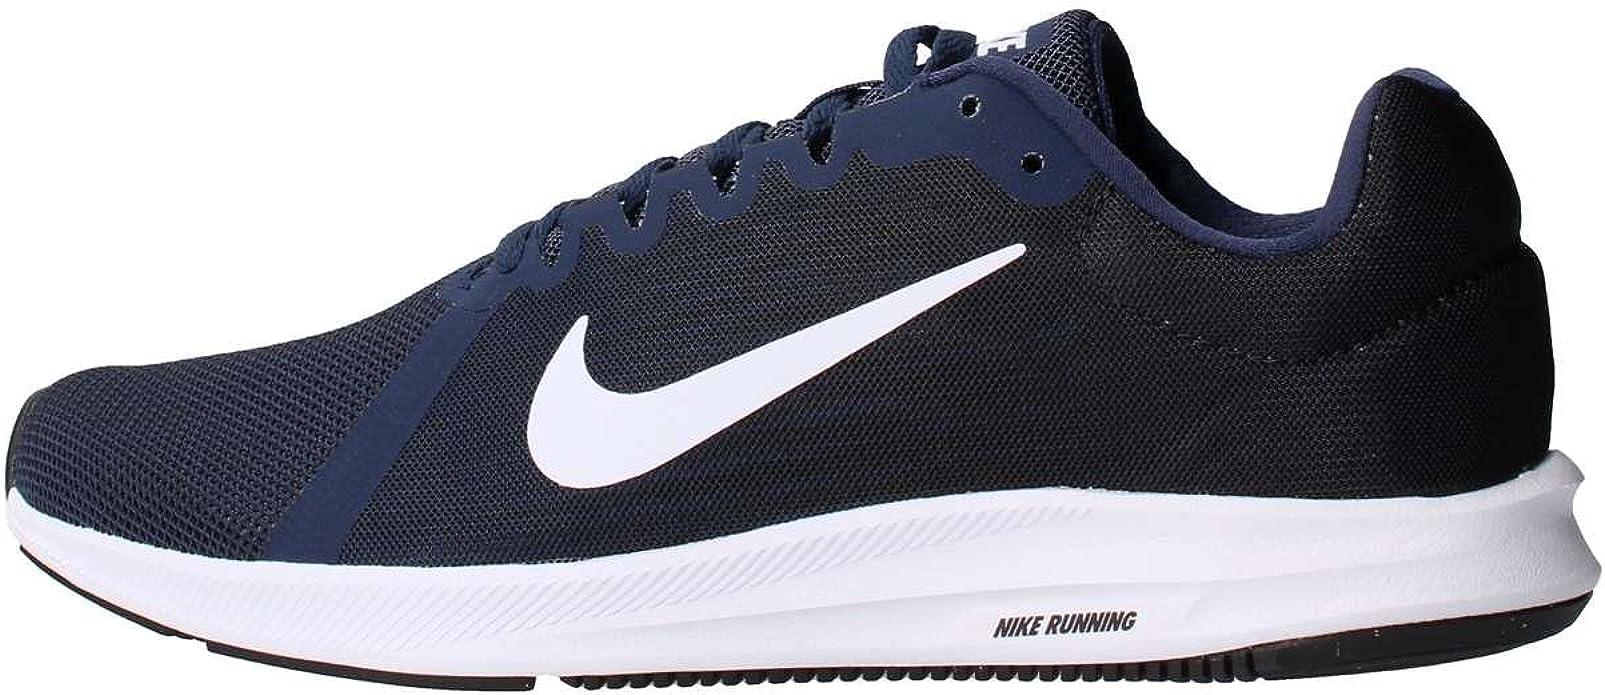 Nike Downshifter 8, Zapatillas de Entrenamiento para Hombre: Amazon.es: Zapatos y complementos